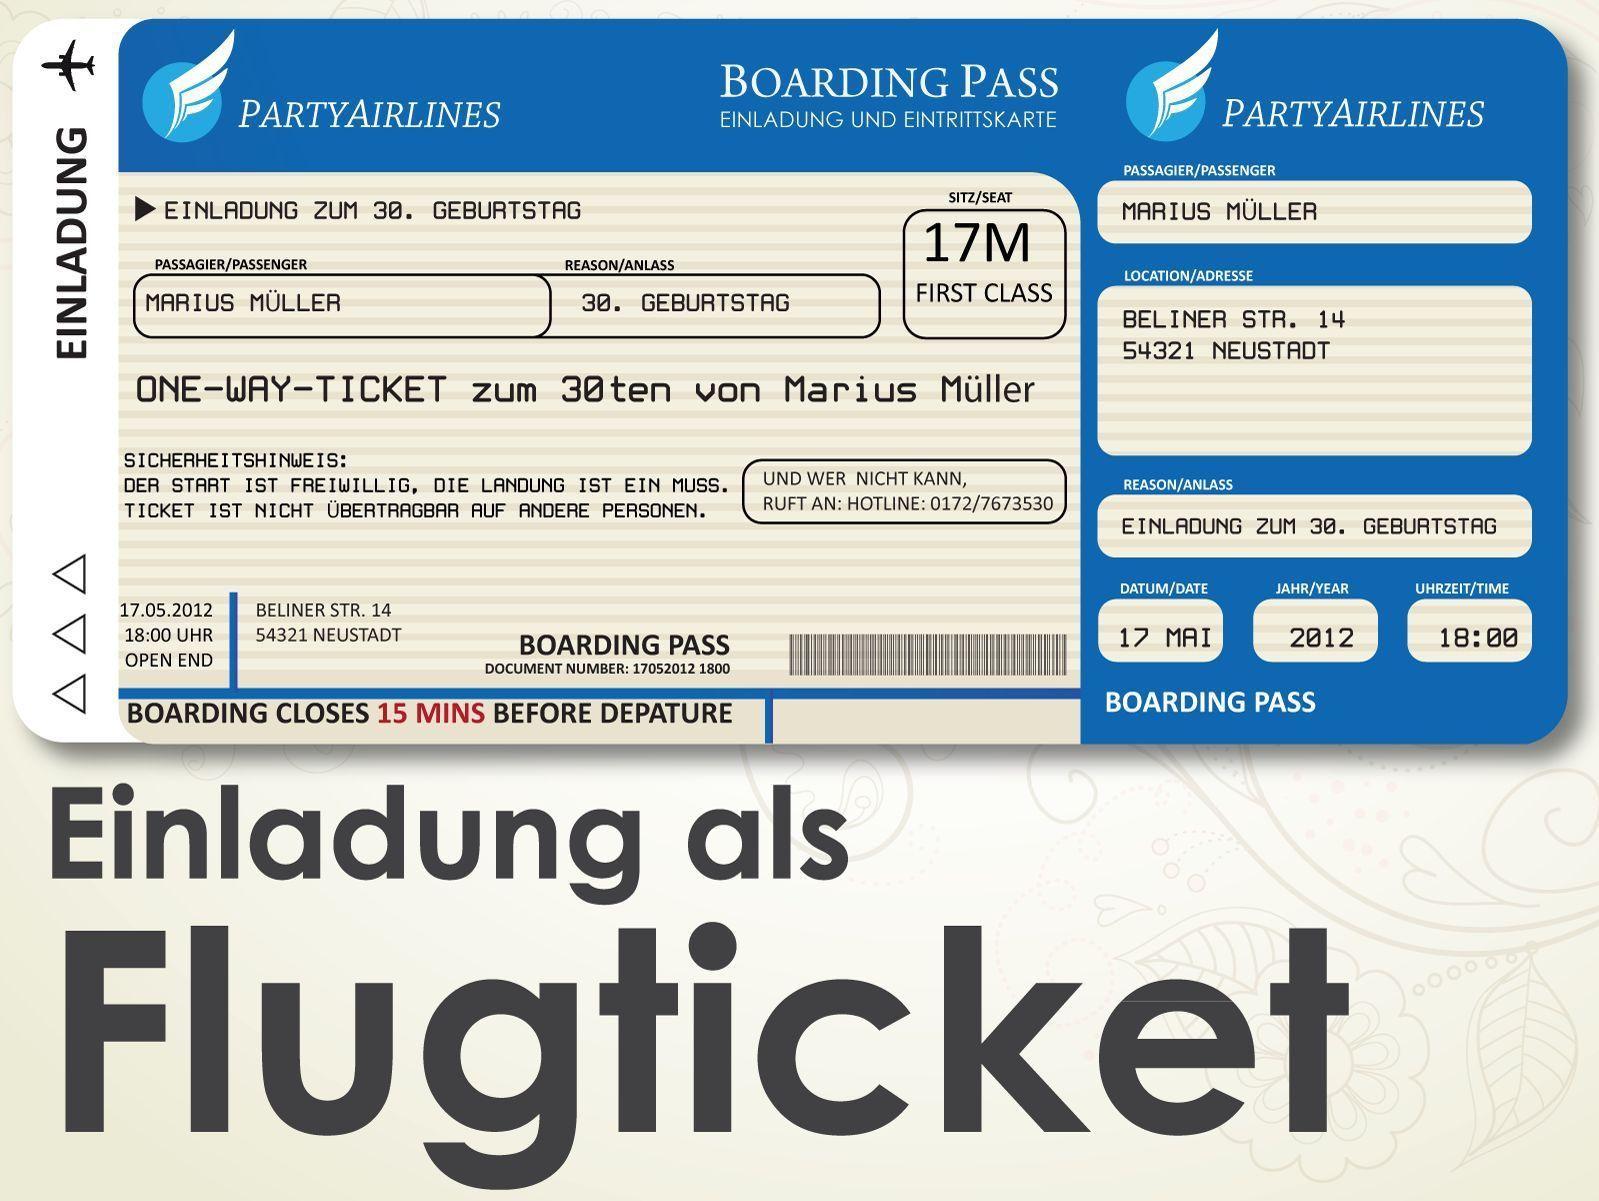 Einladungskarten Selber Drucken : Einladungskarten Selber Drucken Programm  Kostenlos   Einladungskarten Online   Einladungskarten Online